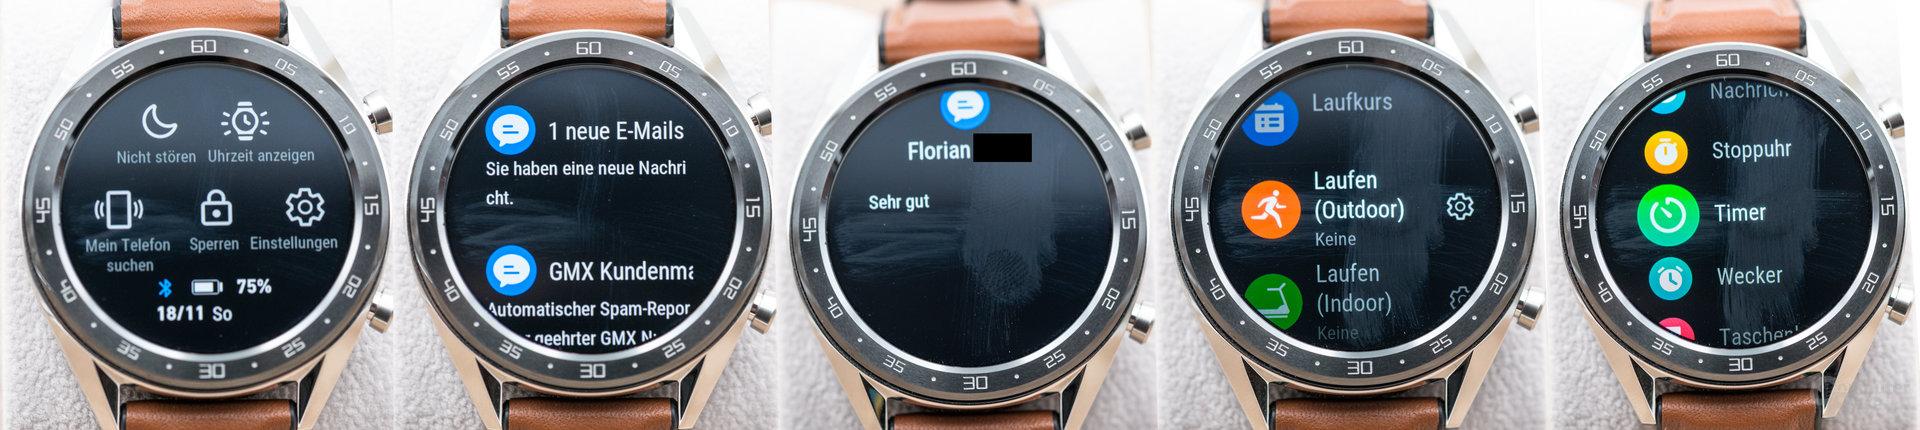 Huawei Watch GT: Menüführung und Benachrichtigungen